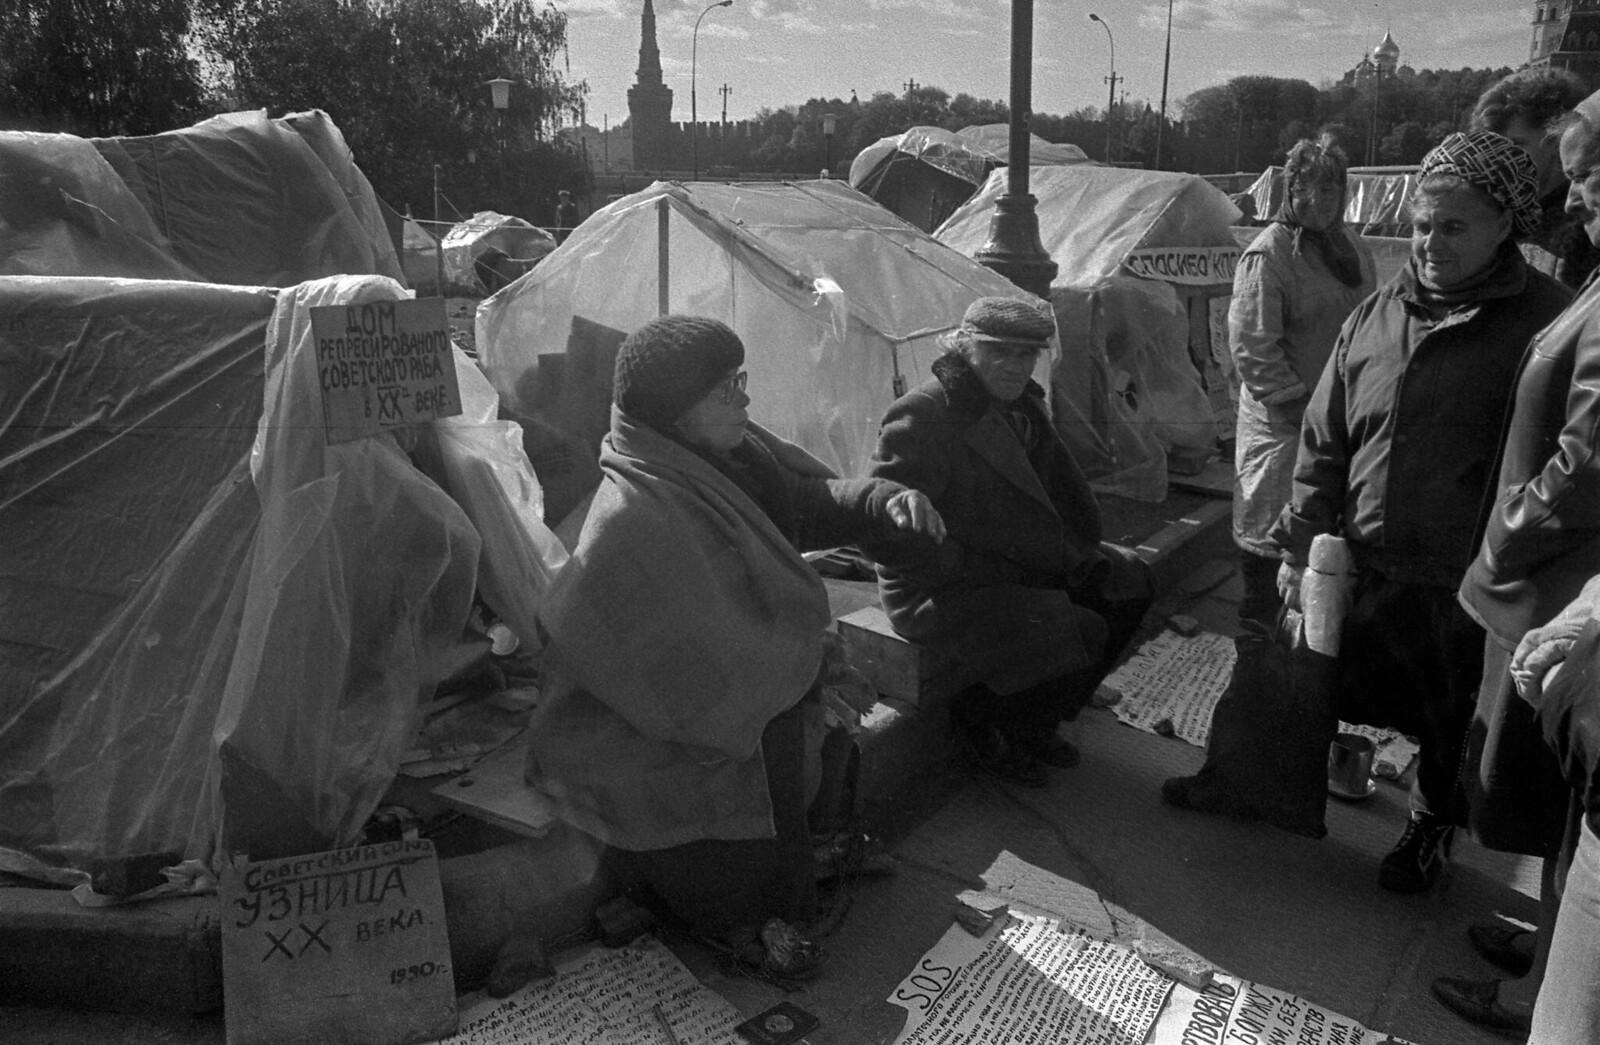 1989. Васильевский спуск, Палаточный городок (6)